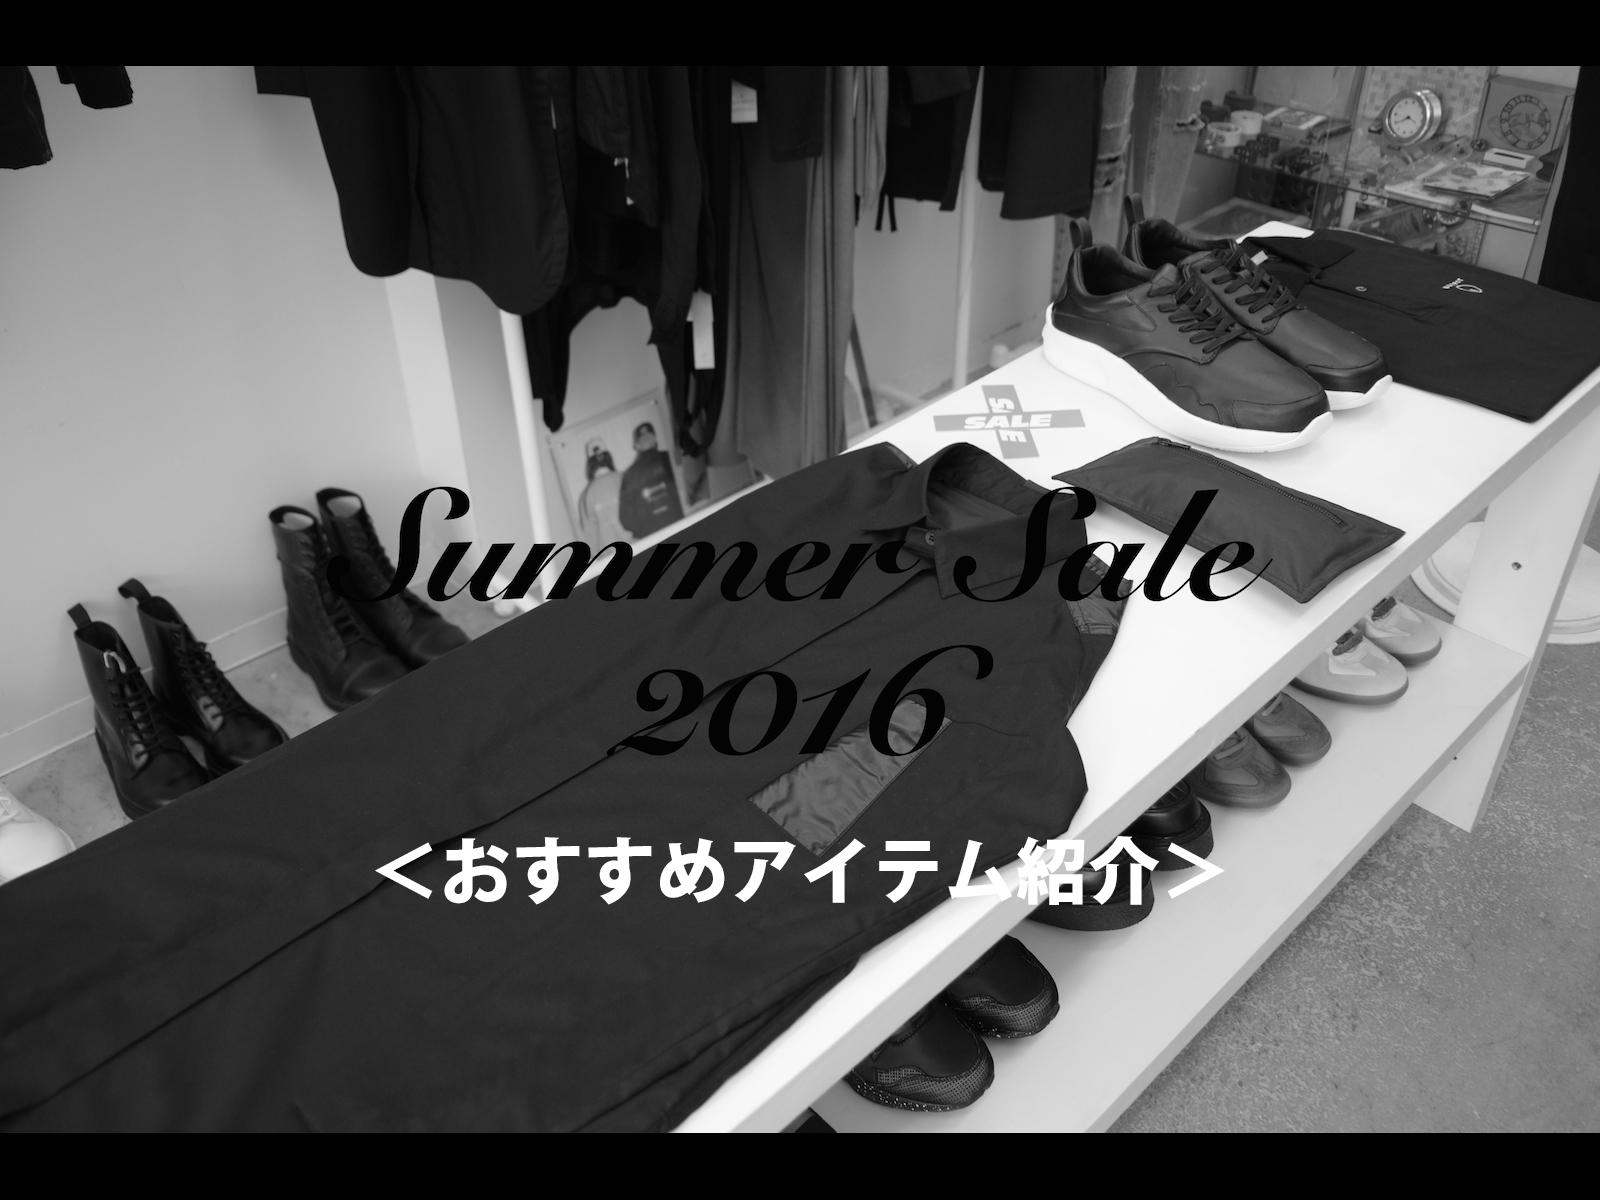 サマーセール2016<おすすめアイテム第二弾>